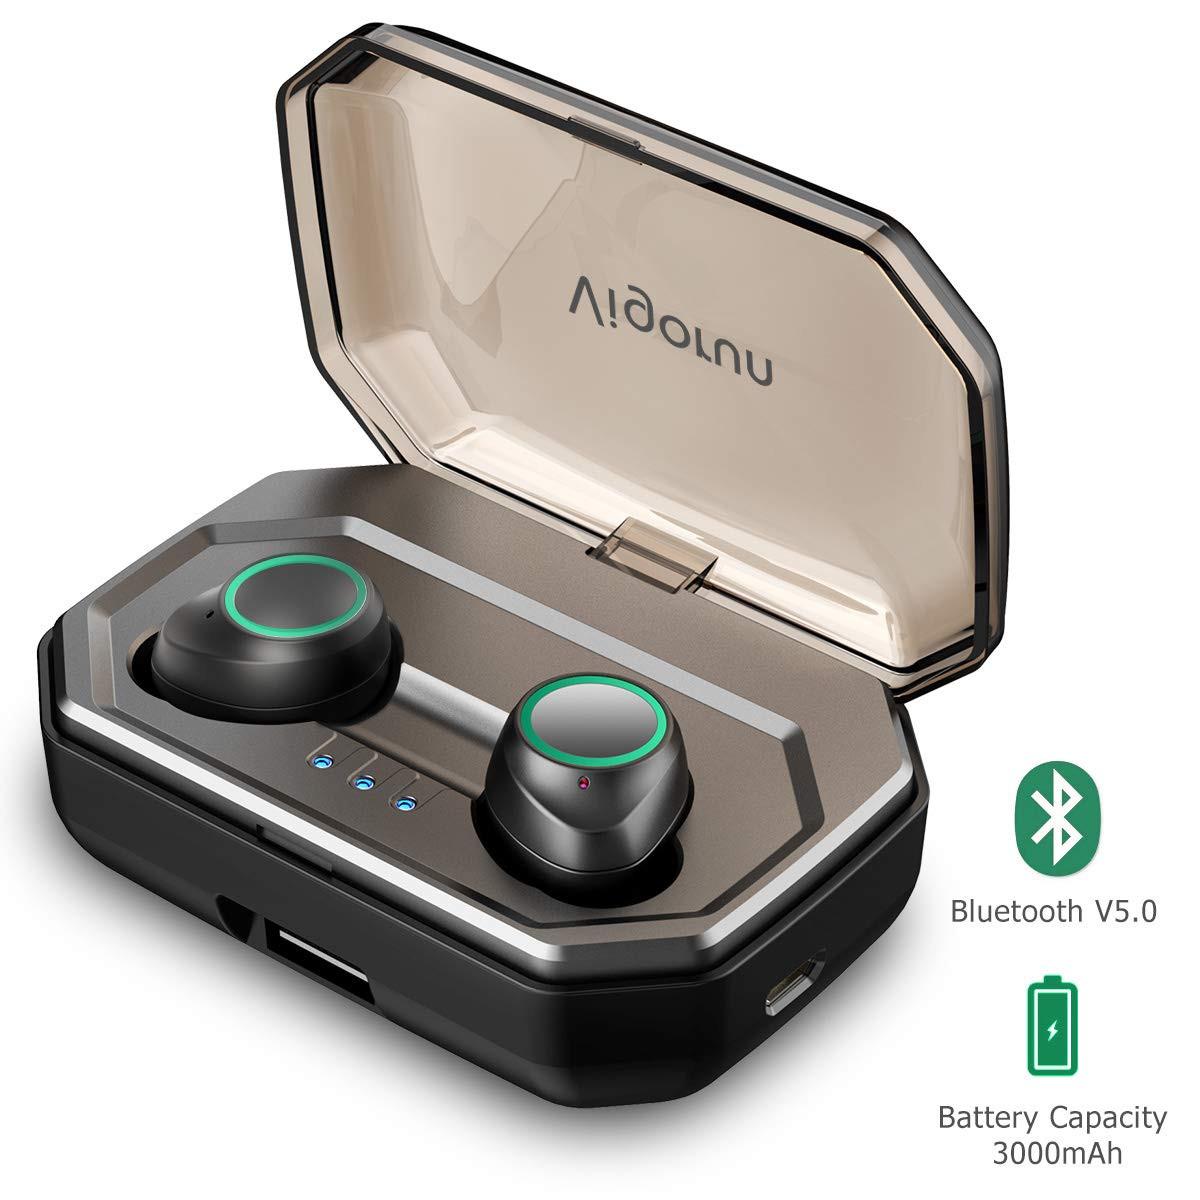 Ecouteurs Bluetooth Vigorun